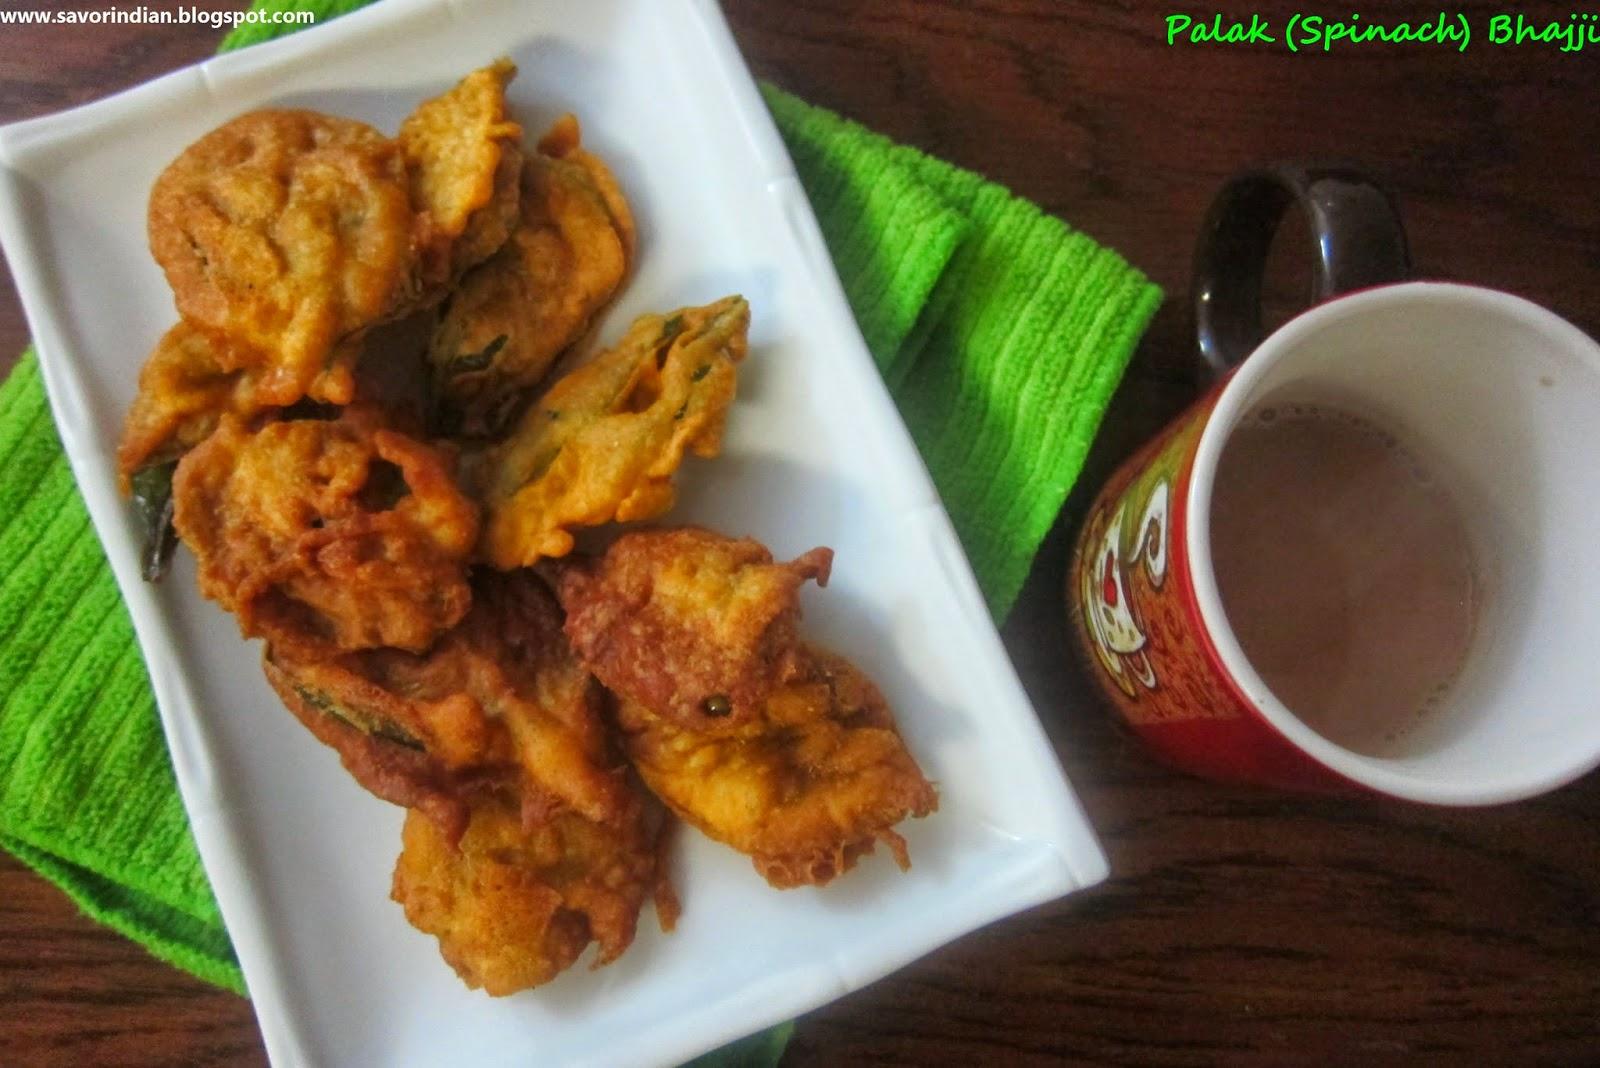 crispy palak (spinach) bhajji /spinach dumpling/ palak pakoda/palak bhajiya